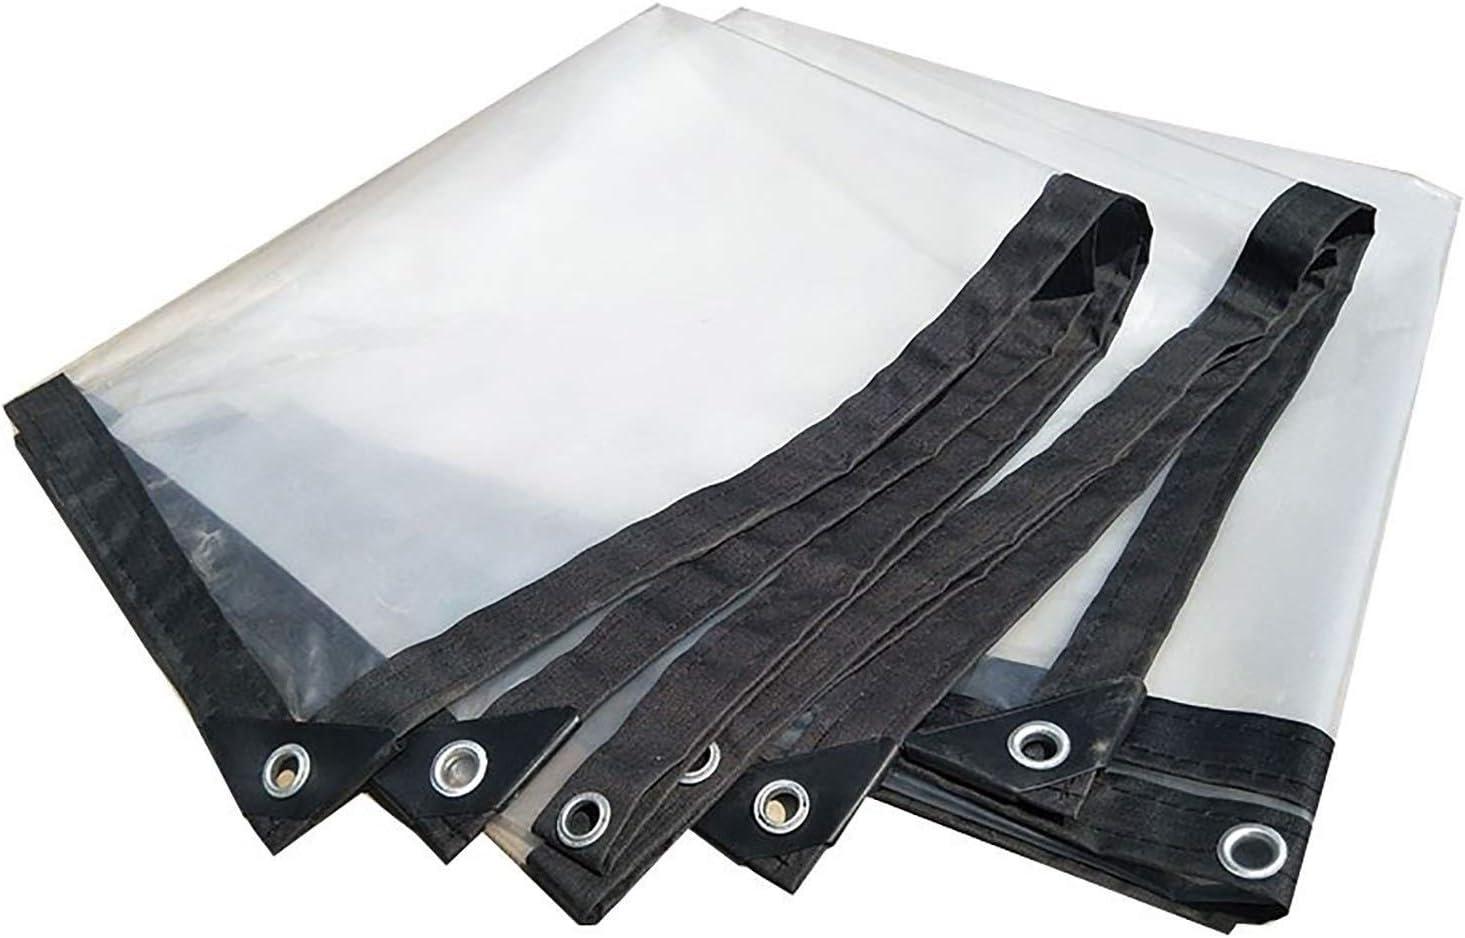 ANUO Lonas Lona Transparente con Ojales, Lona de Malla de Sombra Lona Transparente Transparente Lona Reforzada Bordes Reforzados para techos (Color : Clear, Size : 3x10m/9x30ft): Amazon.es: Hogar